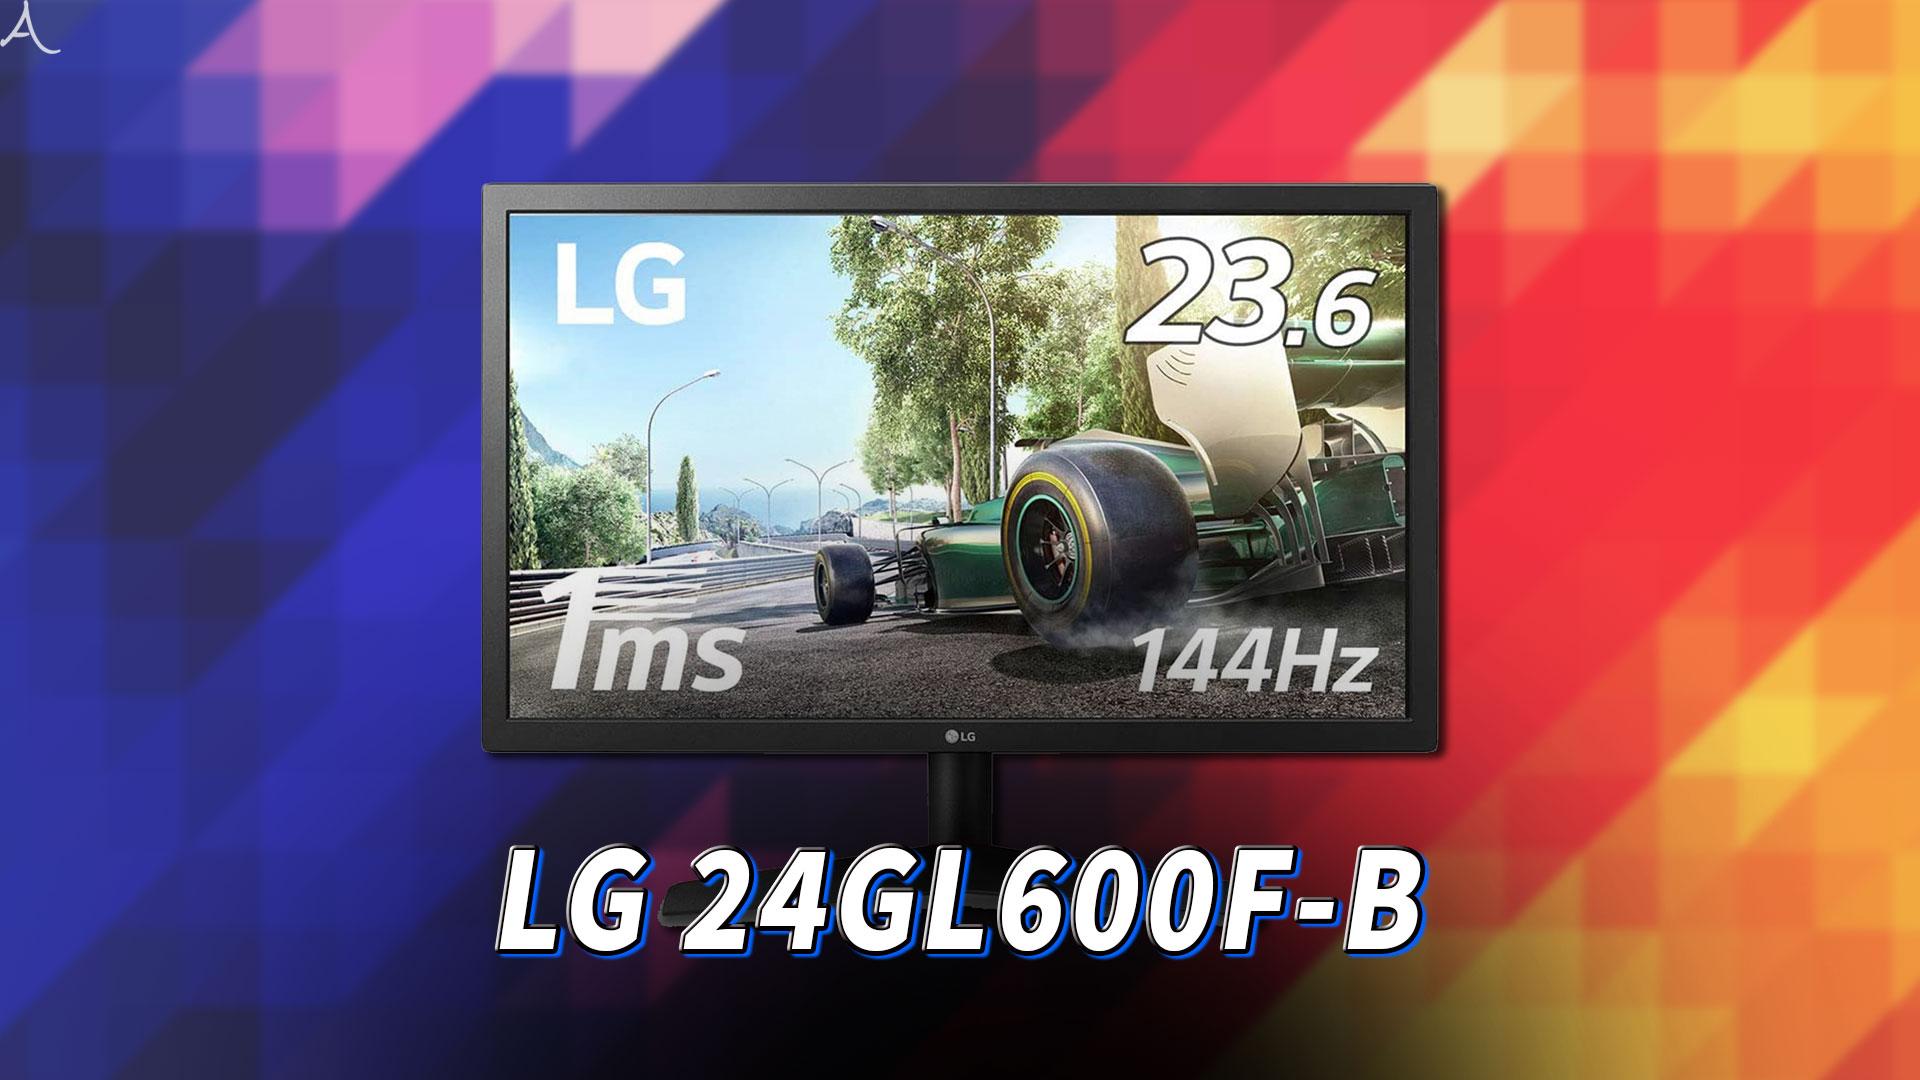 「LG 24GL600F-B」ってモニターアーム使えるの?VESAサイズやおすすめアームはどれ?